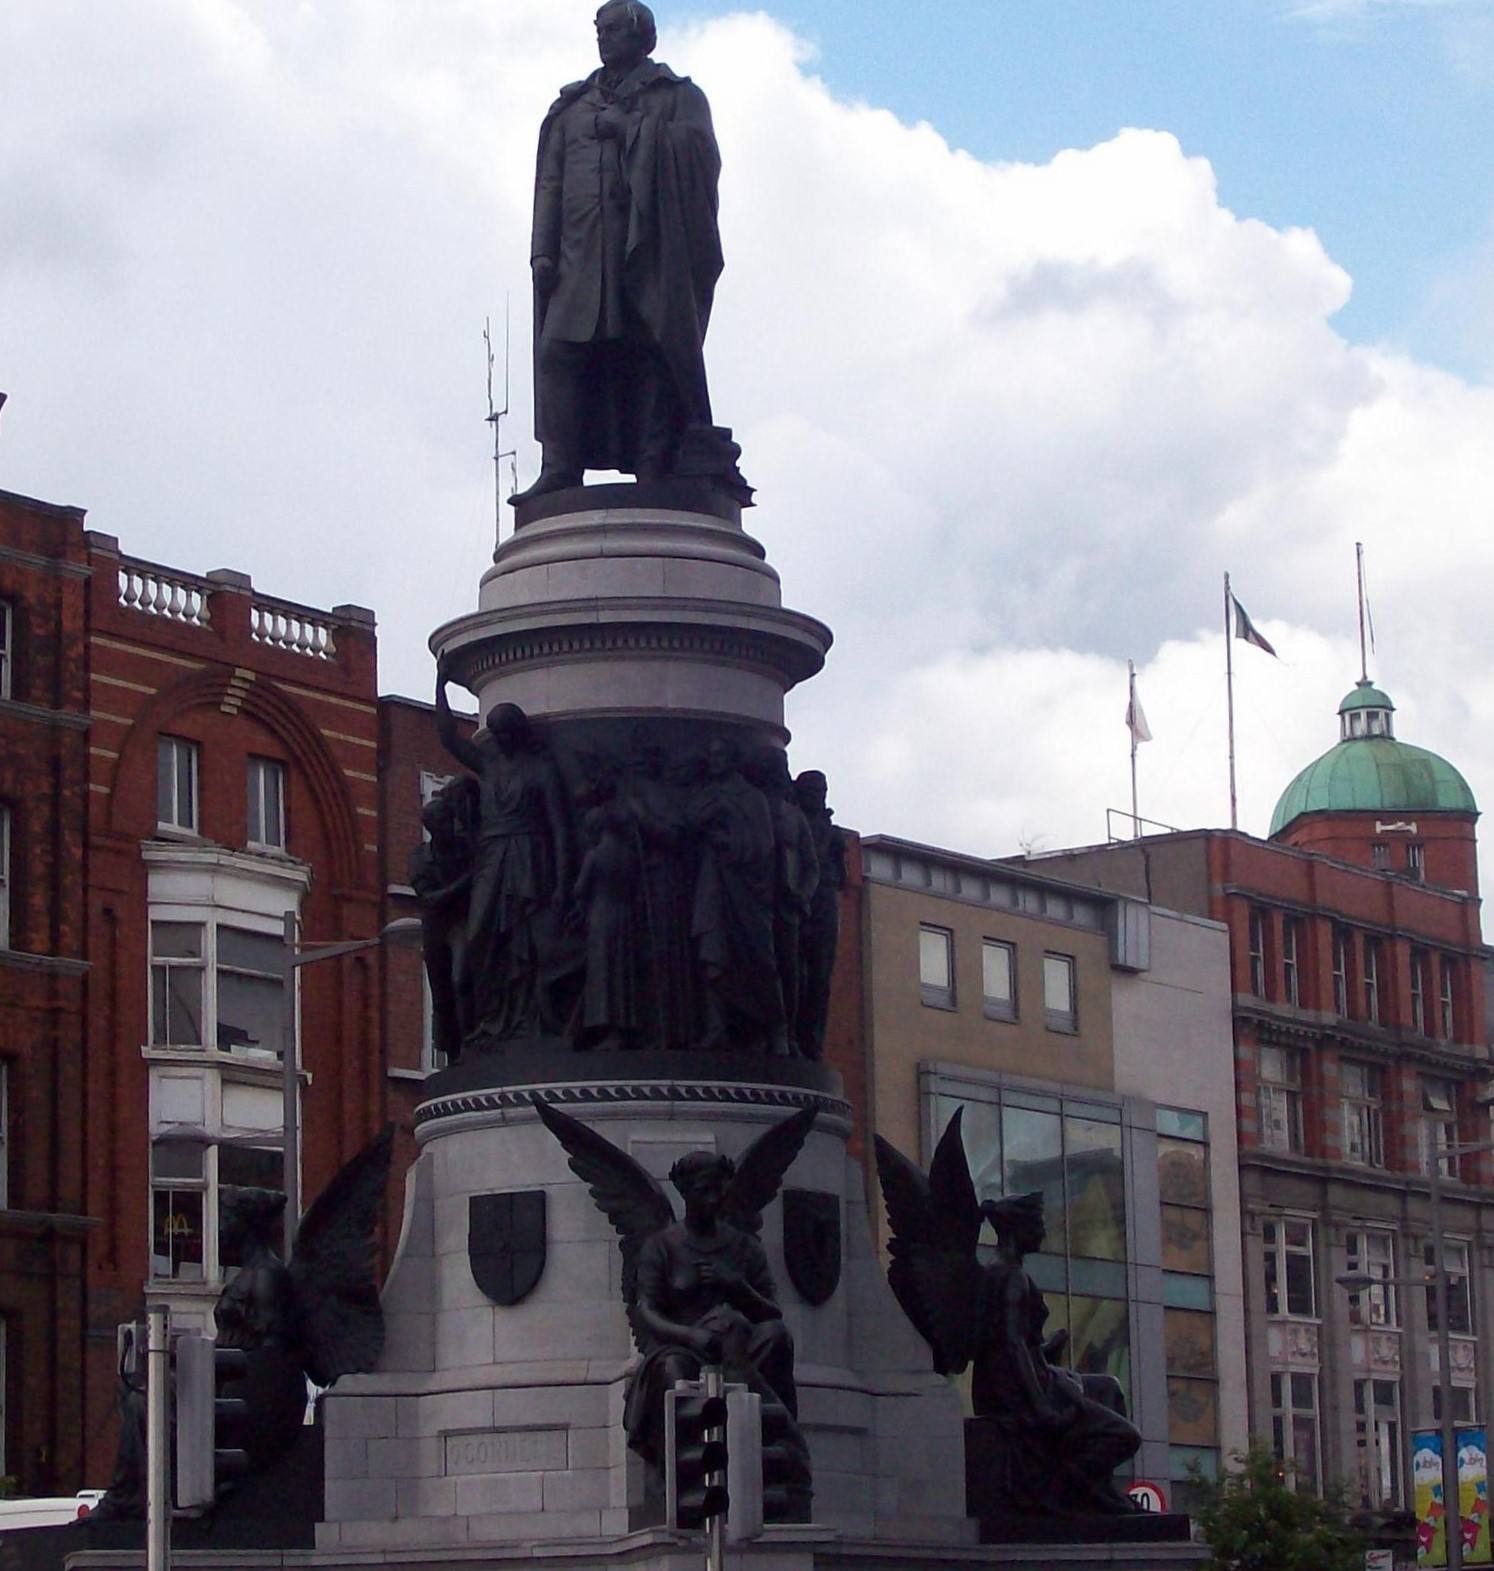 O'Connell Monument Dublin